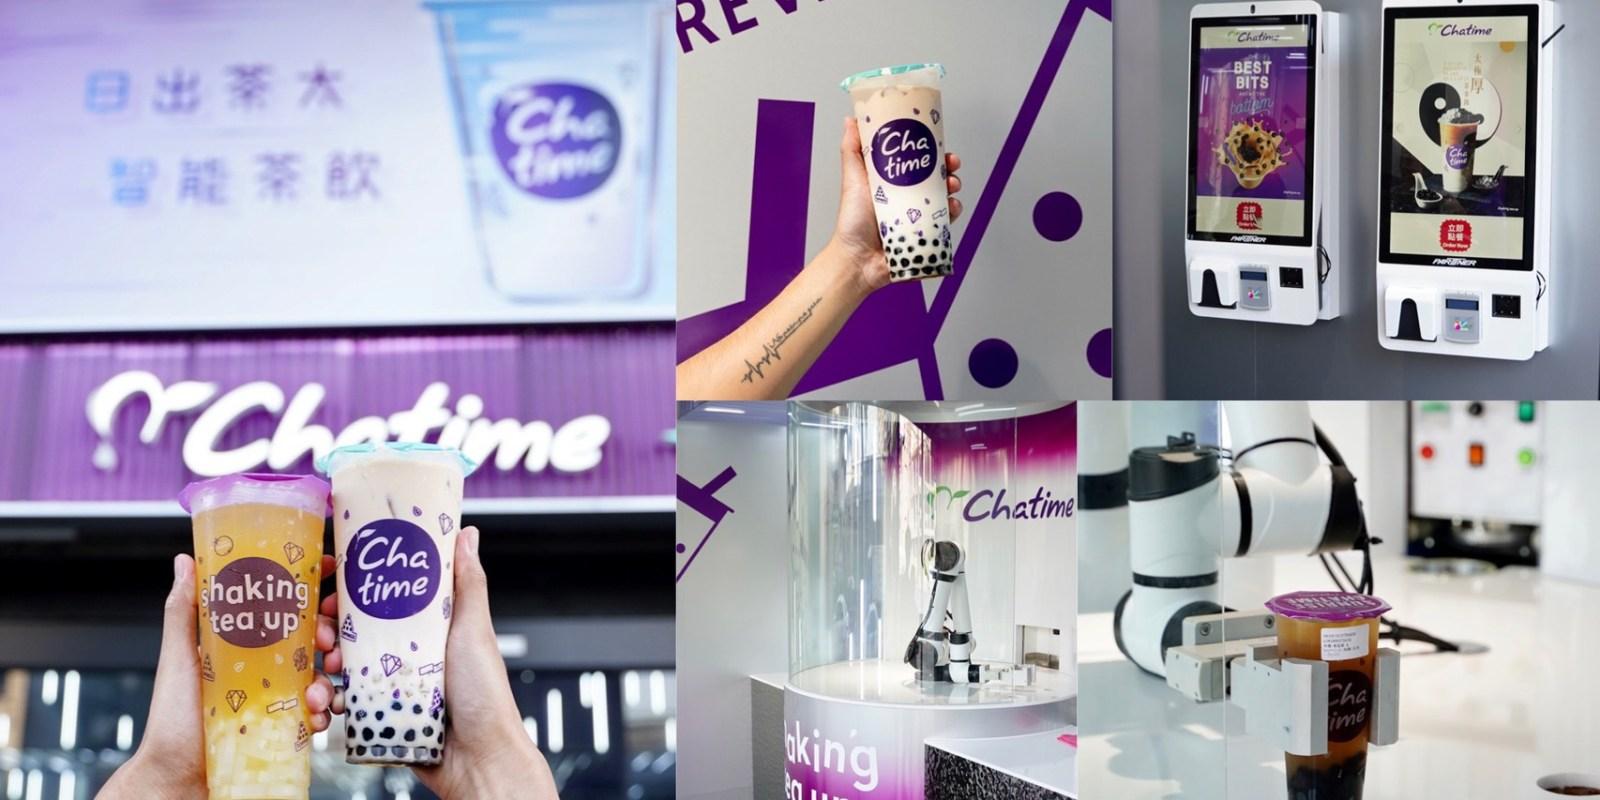 全球第一家『日出茶太智能店iChatime』開幕啦!設置點餐與付款系統、全自動製茶機、機器手臂等設備,帶給消費者更特別的體驗!